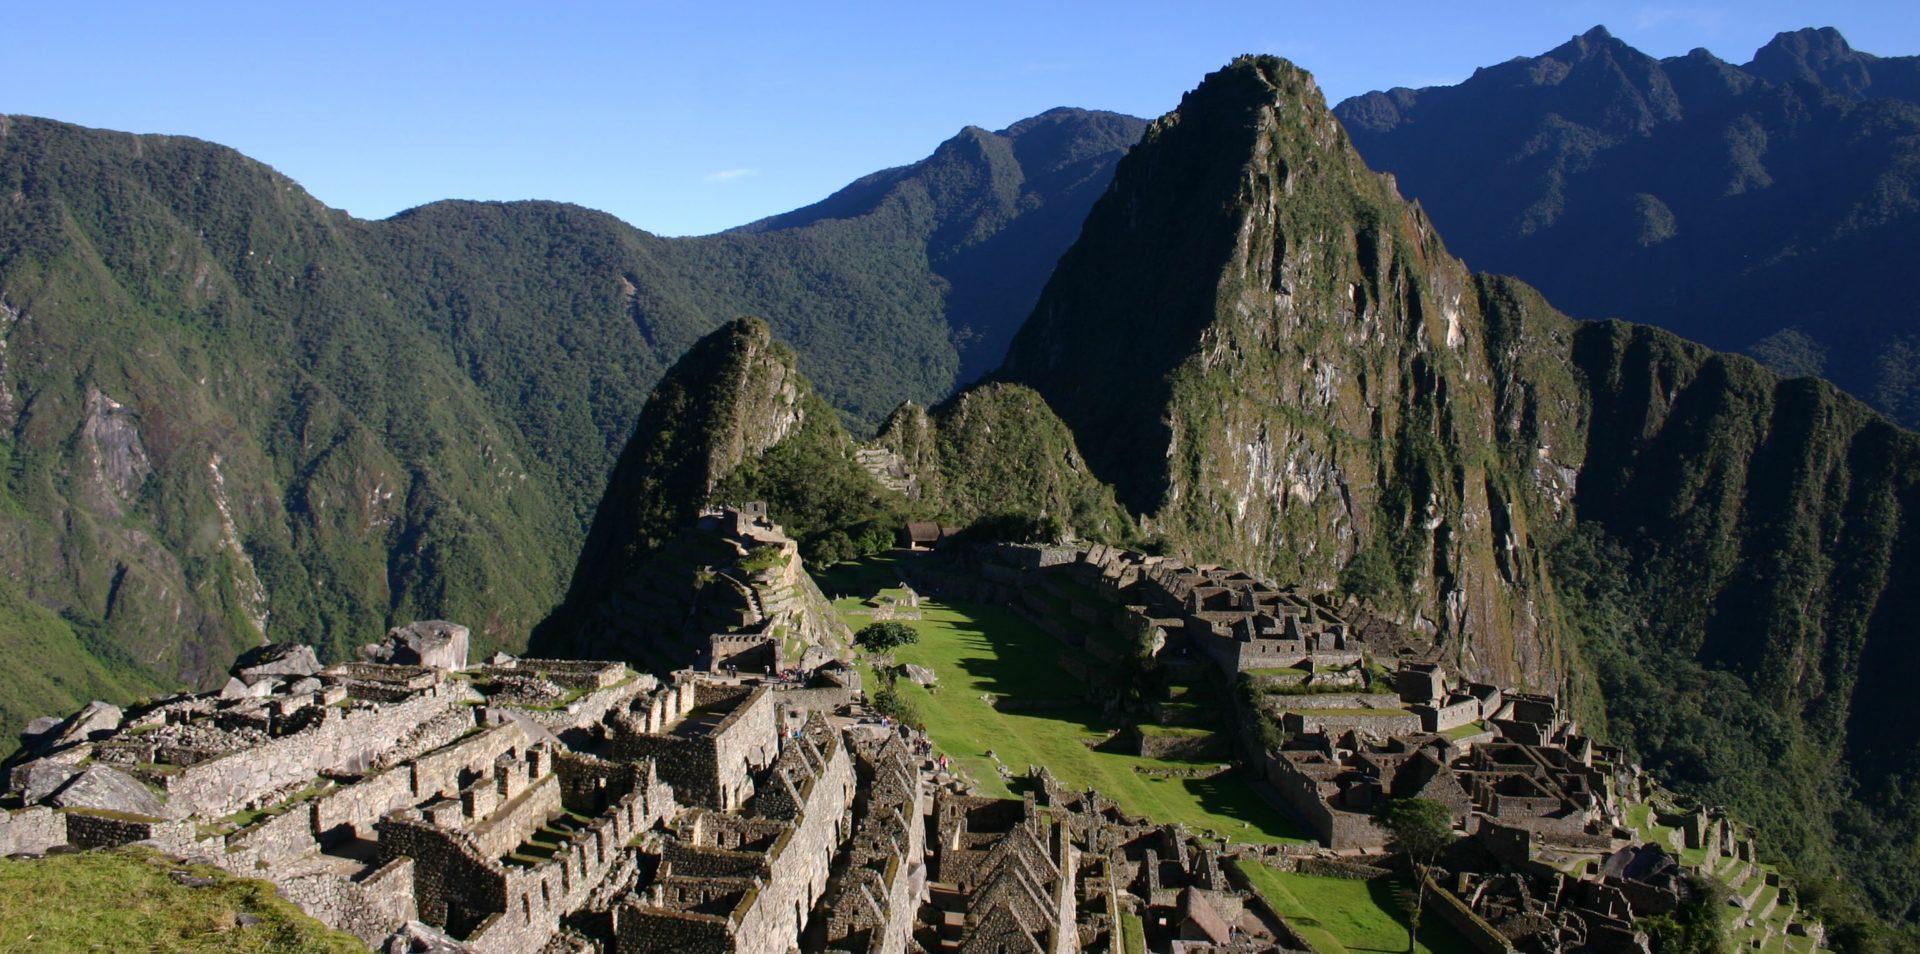 Fotografía de Machu Picchu, destino turístico de miles de turistas nacionales e internacionales. BBVA Continental ofrece tips de seguridad para turistas.